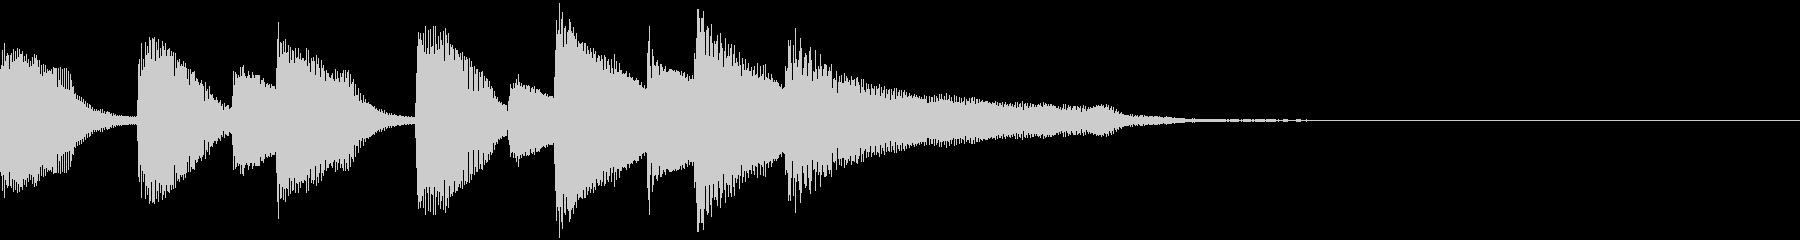 場面転換ほのぼの系のピアノの未再生の波形